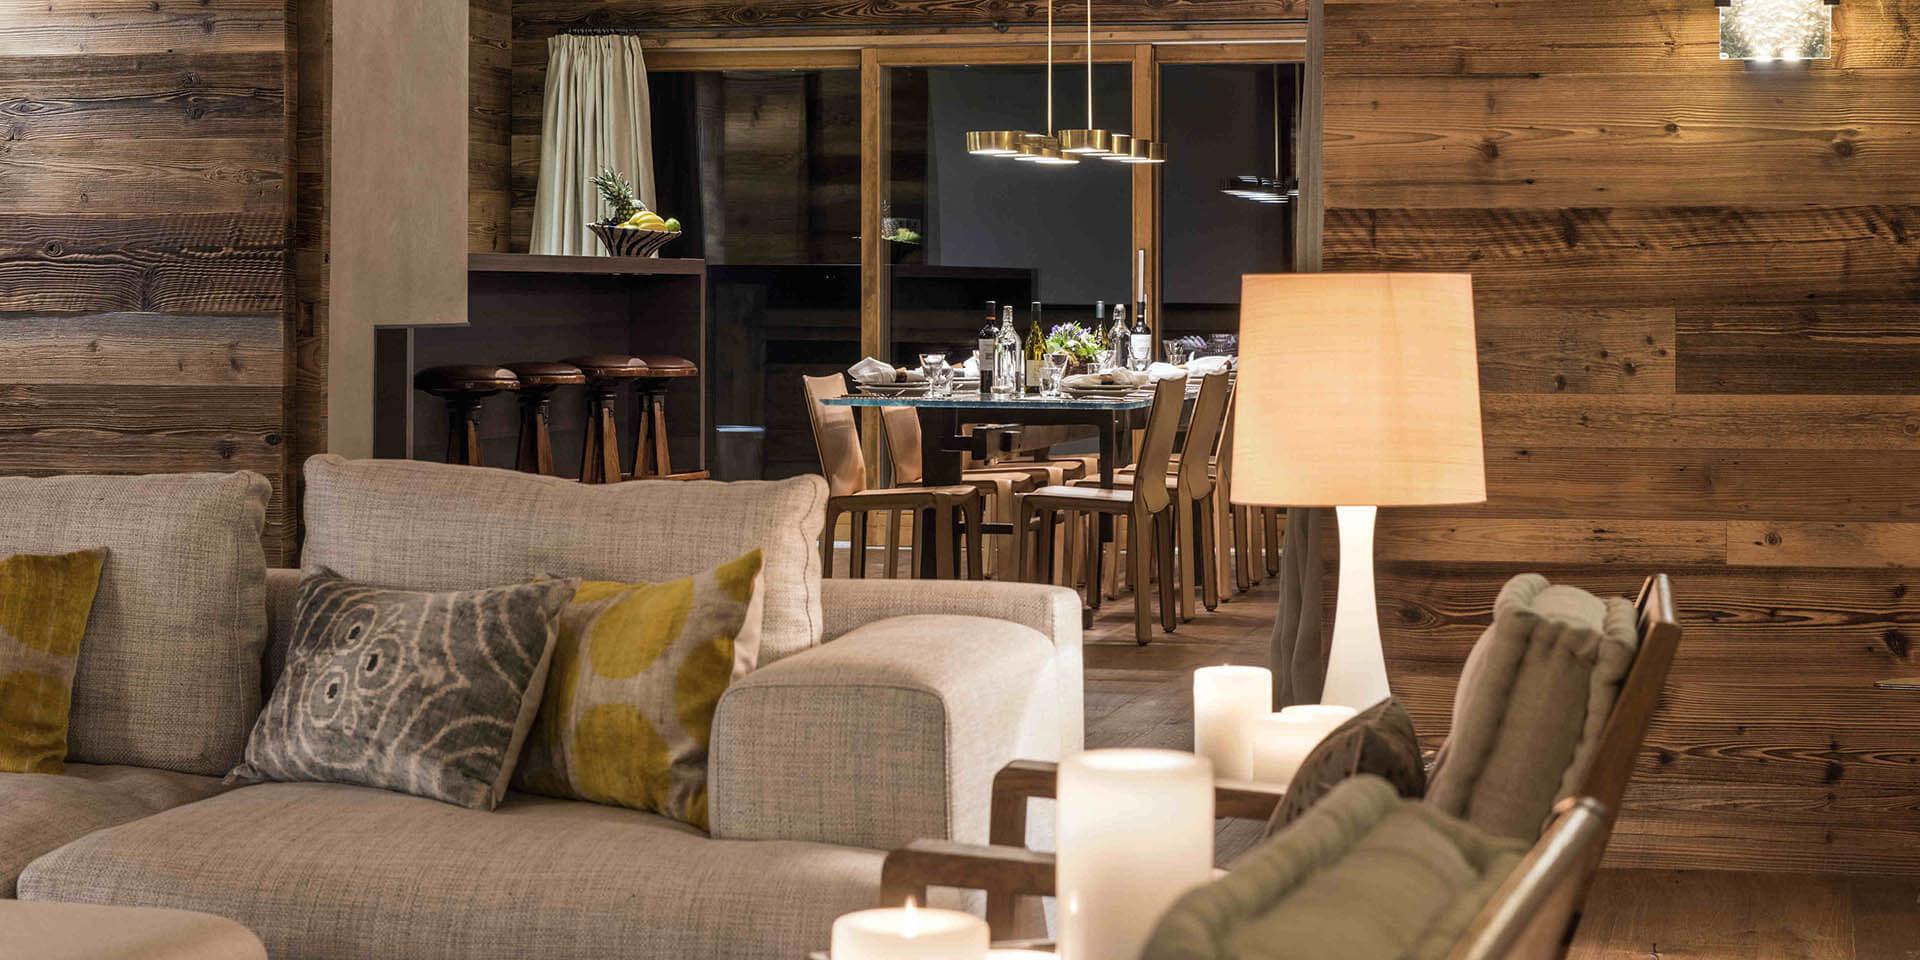 Appartement Place Blanche 1 Verbier Les 4 Vallees Zwitserland wintersport skivakantie luxe living bank kussens lamp eetkamer hanglamp raam verlichting hout